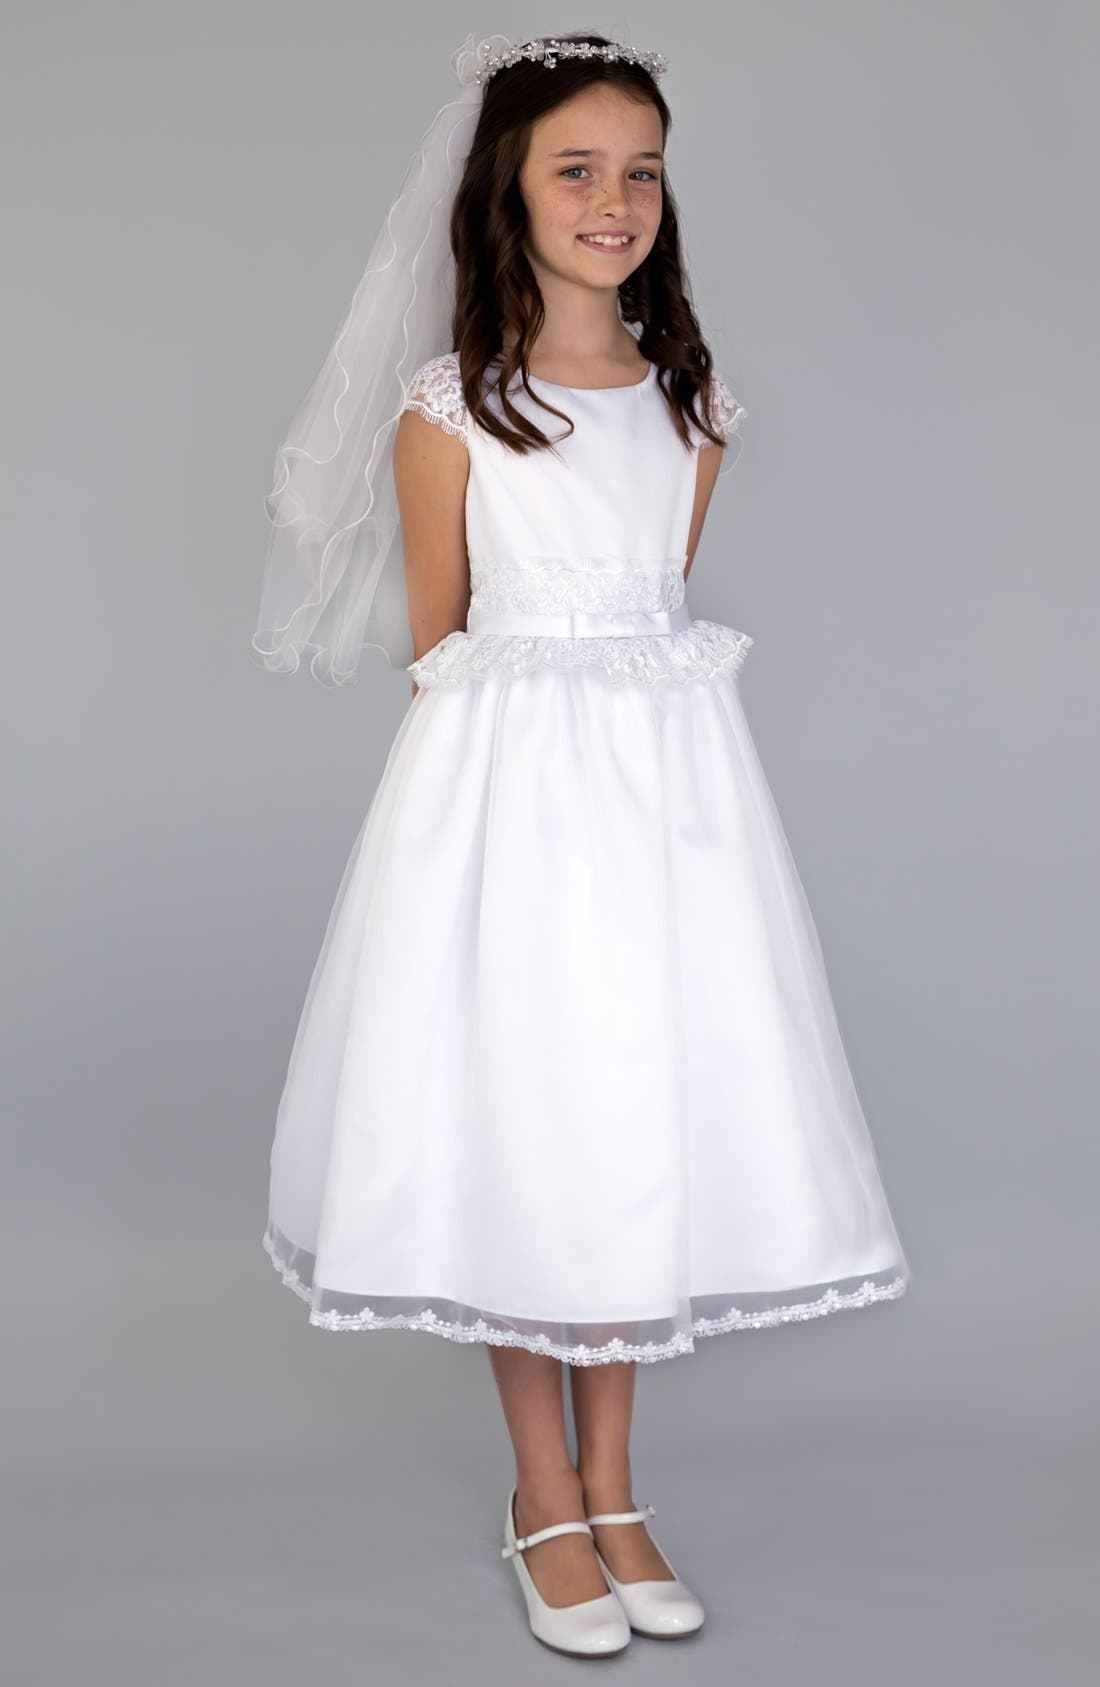 US ANGELS Lace Peplum Organza Dress